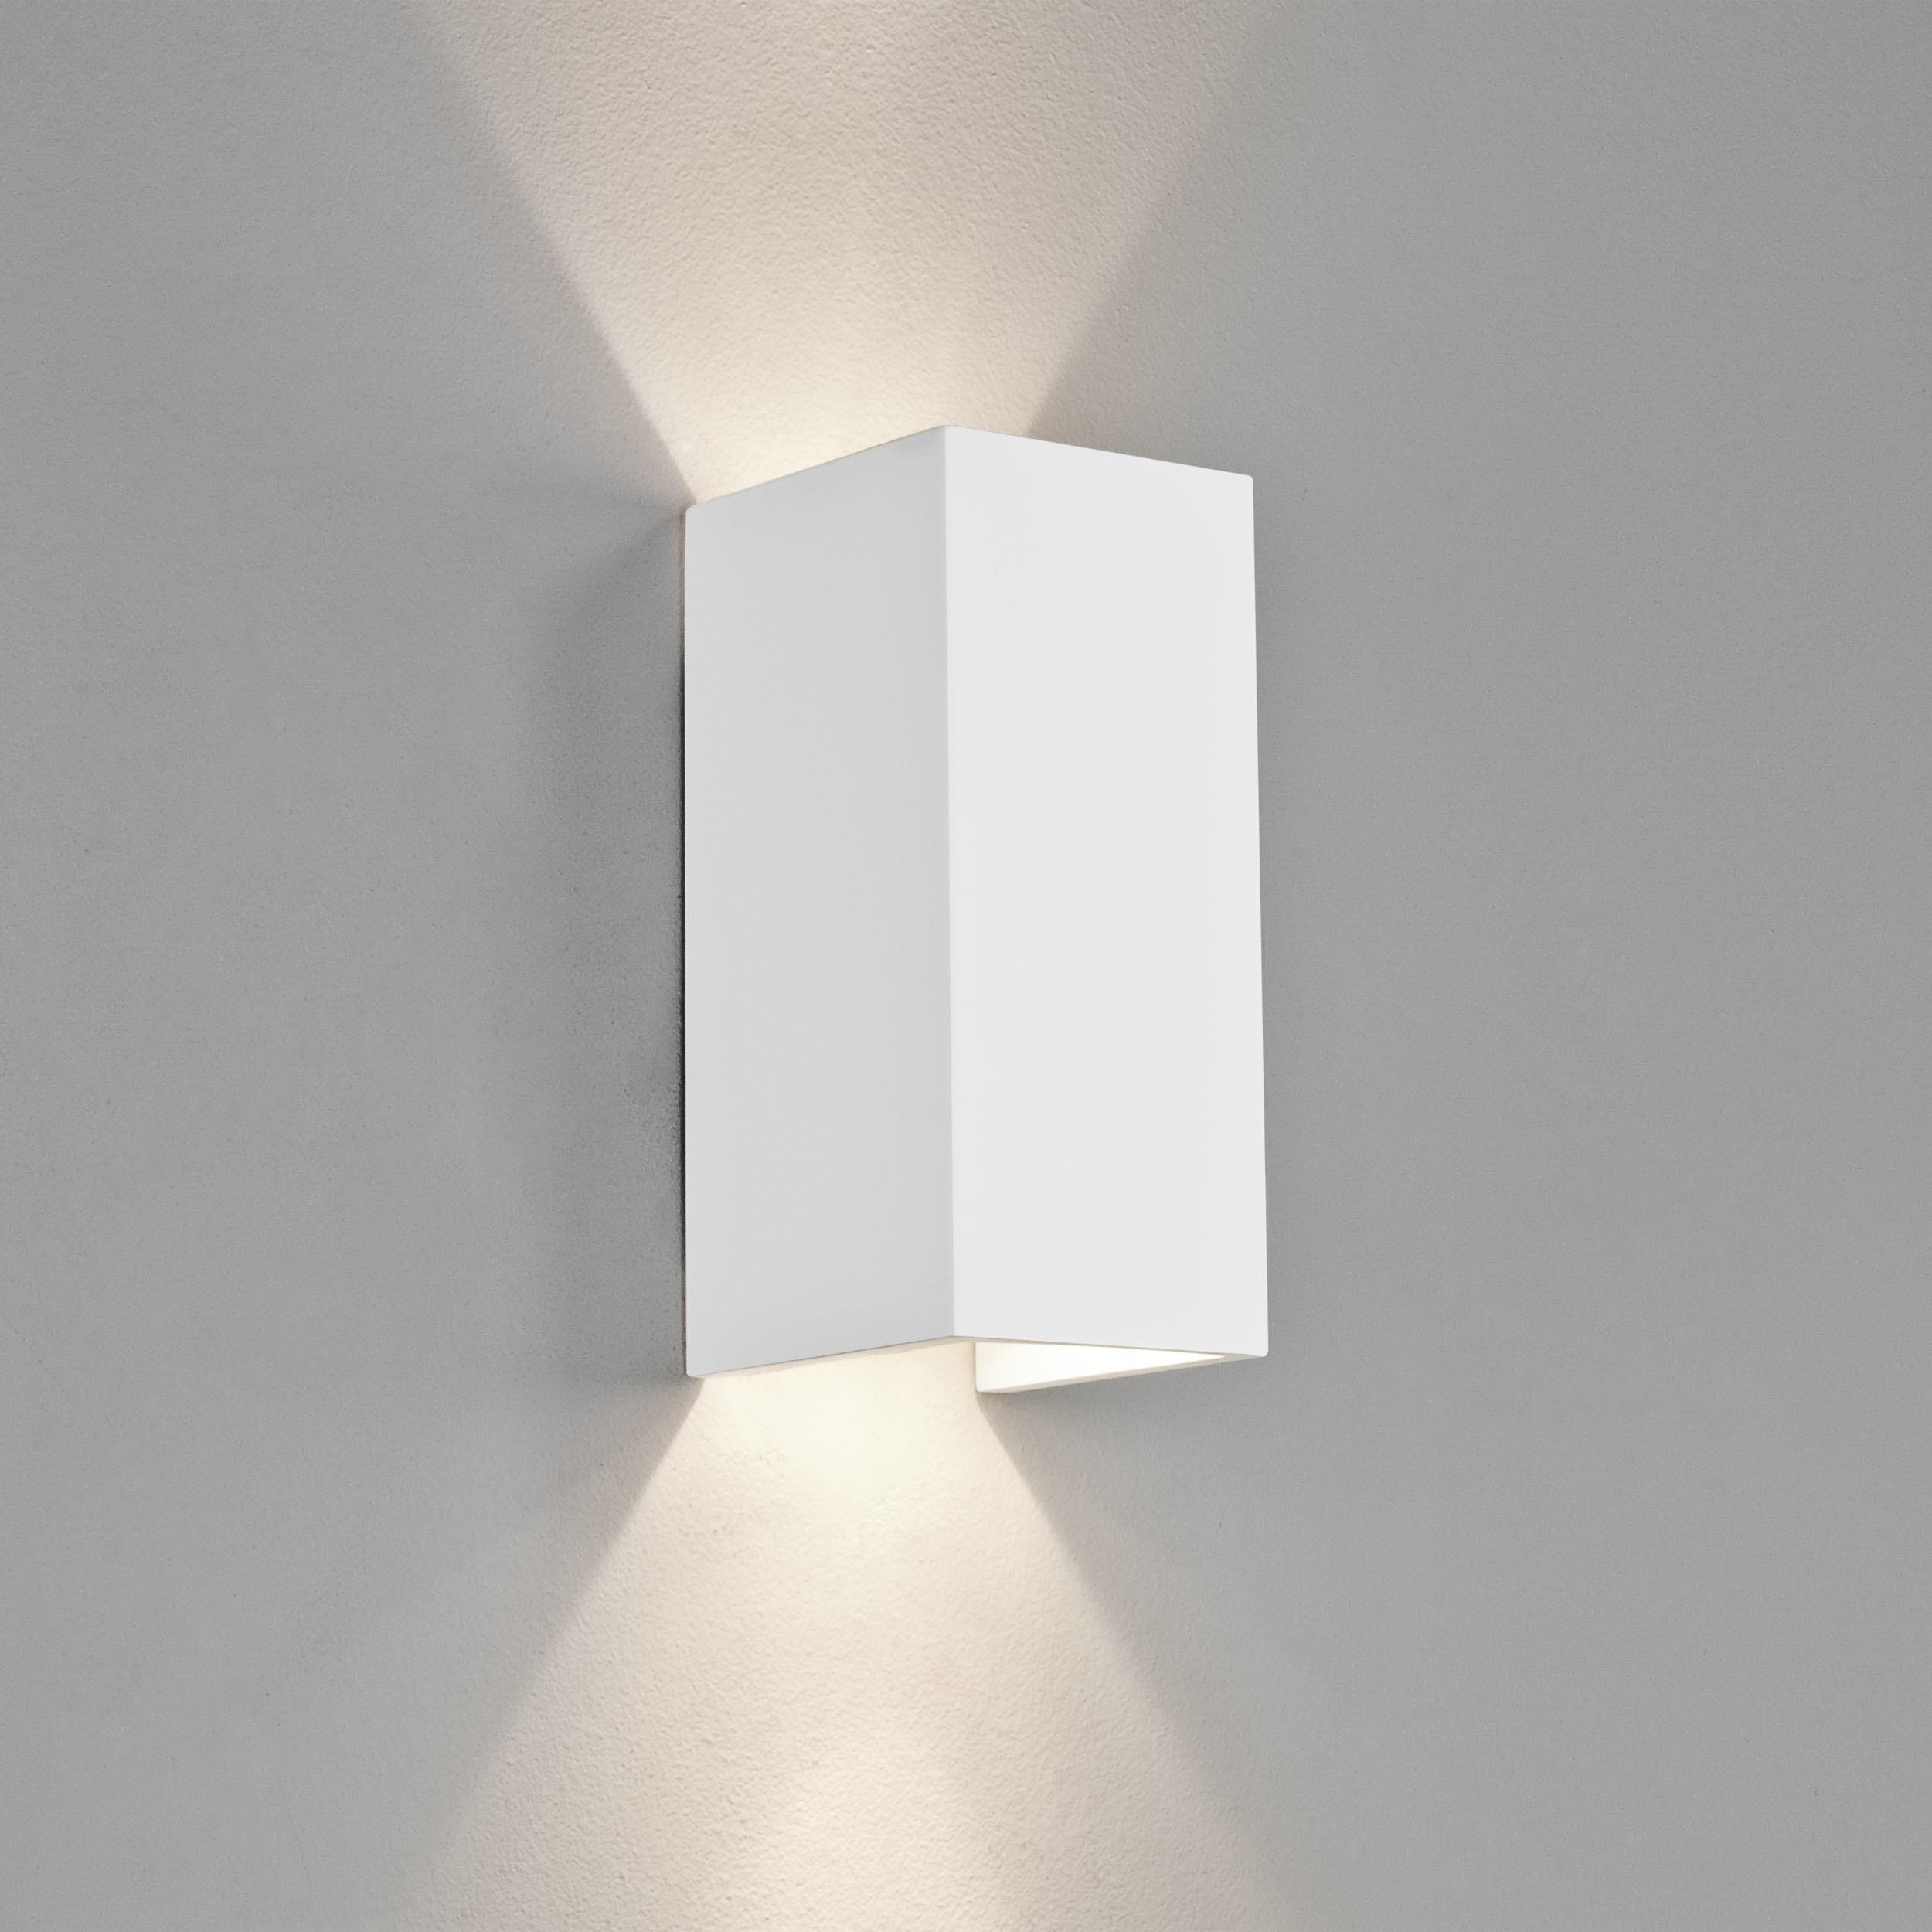 Настенный светодиодный светильник Astro Parma 1187021 (8182), LED 7,7W 3000K 503.6lm CRI80, белый, под покраску, гипс - фото 1